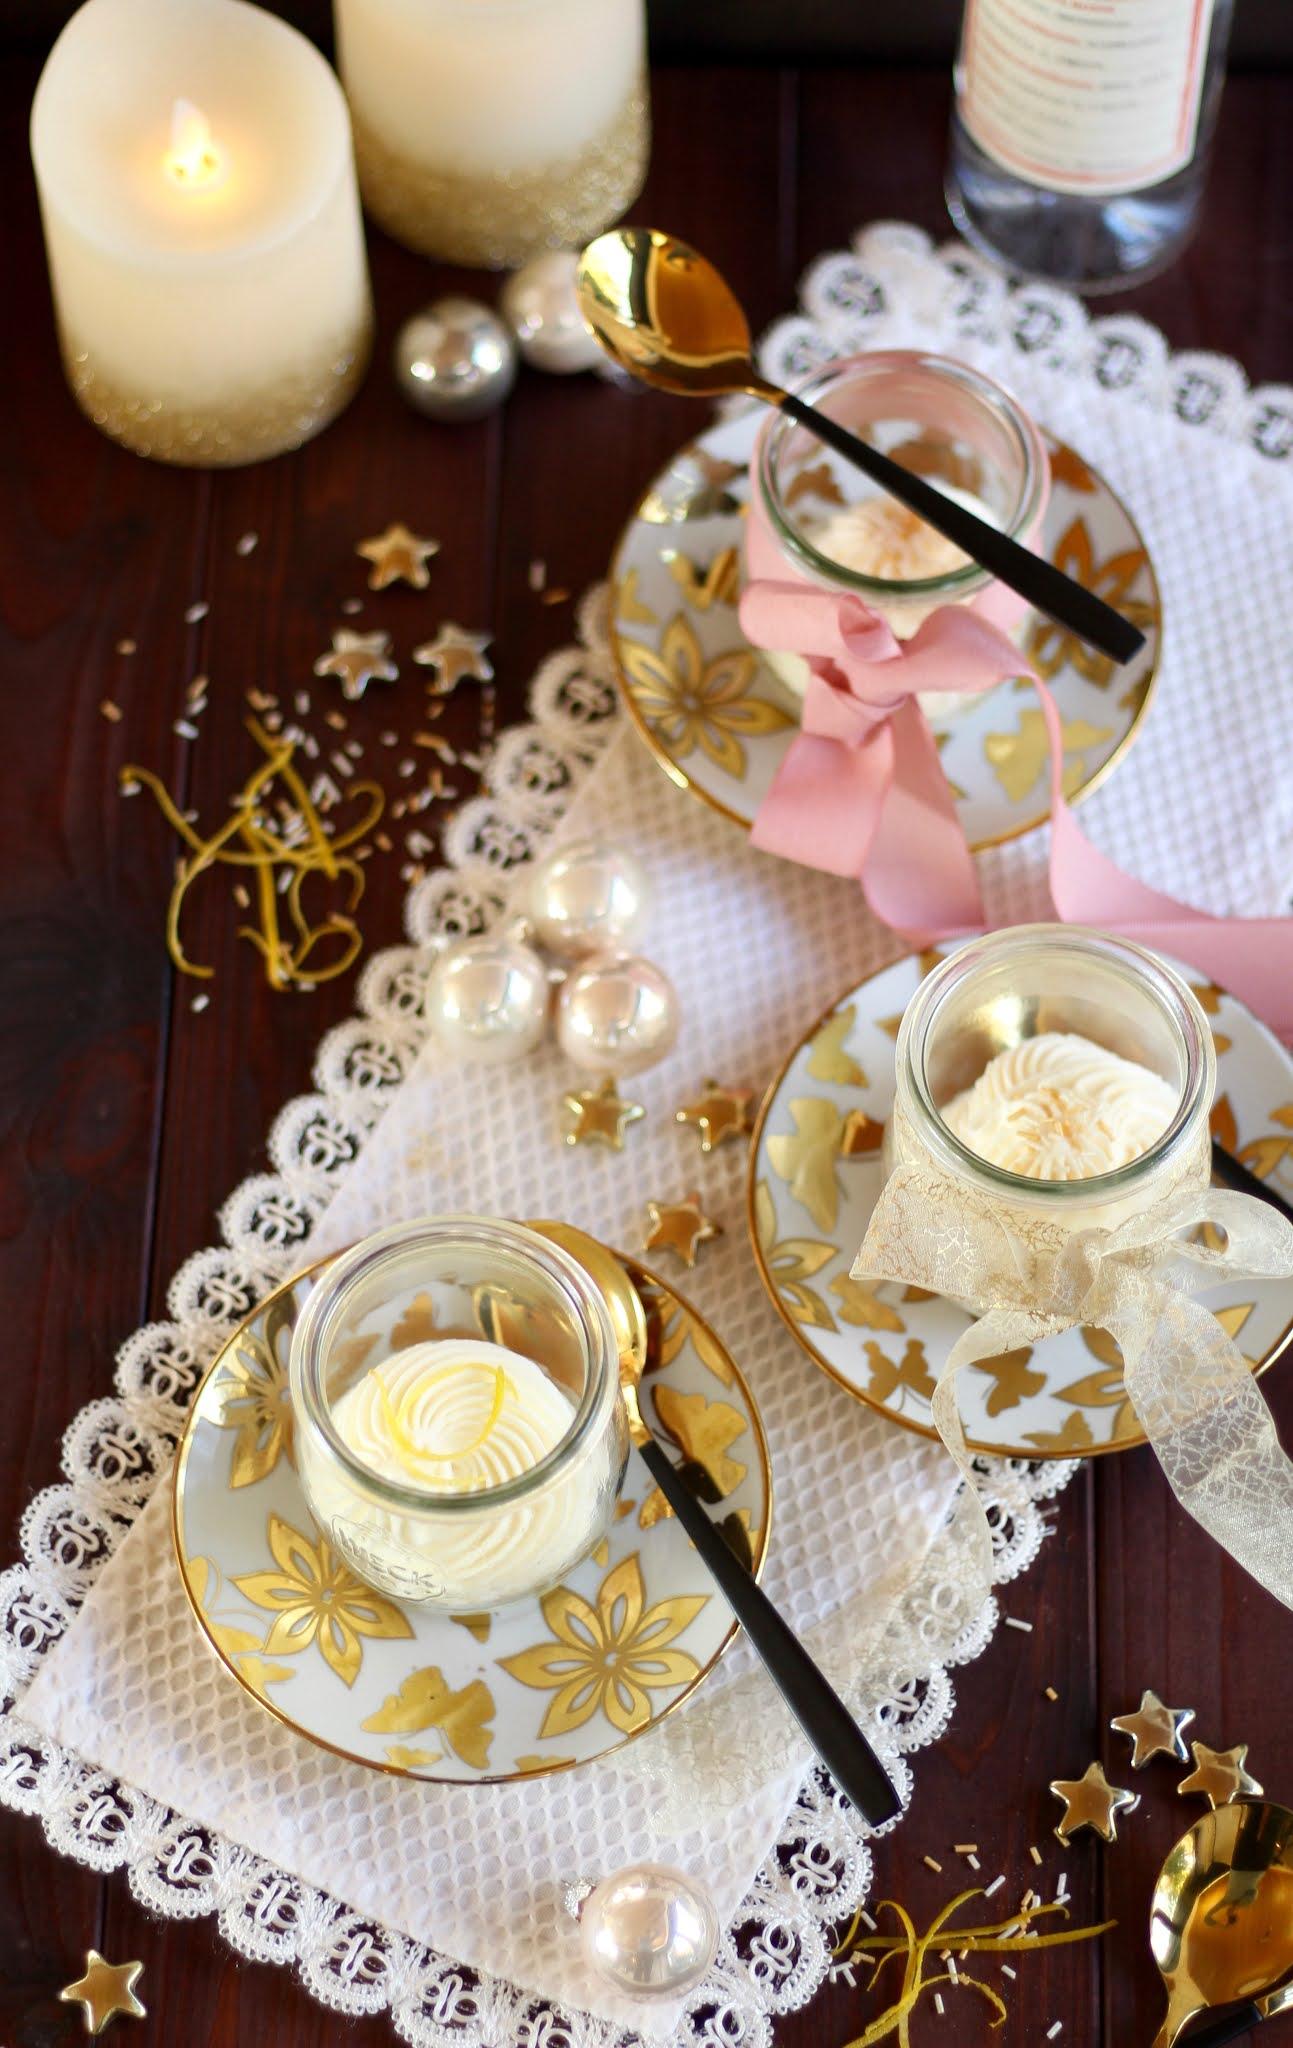 Feines Weihnachtsdessert mit Zitrone und Grappa: Crema del Lario - Rezept und Video von Sugarprincess | SCCC 2020: Türchen Nr. 20 | Gewinnspiel